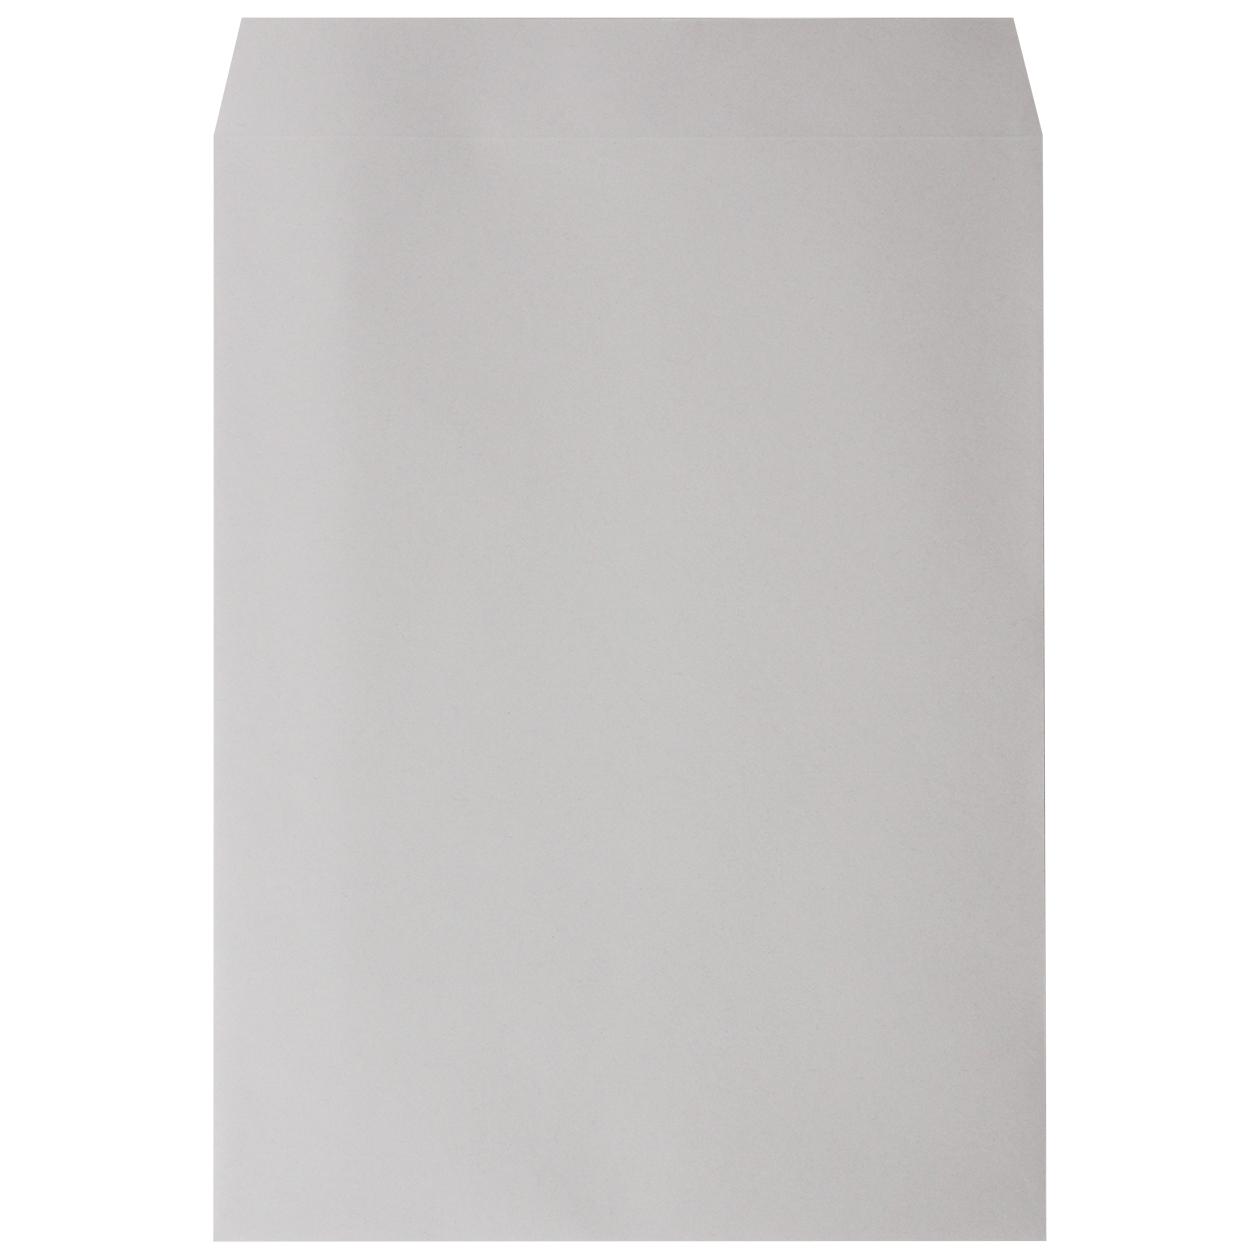 角0封筒 HAGURUMA Basic ライナーグレイ 100g センター貼